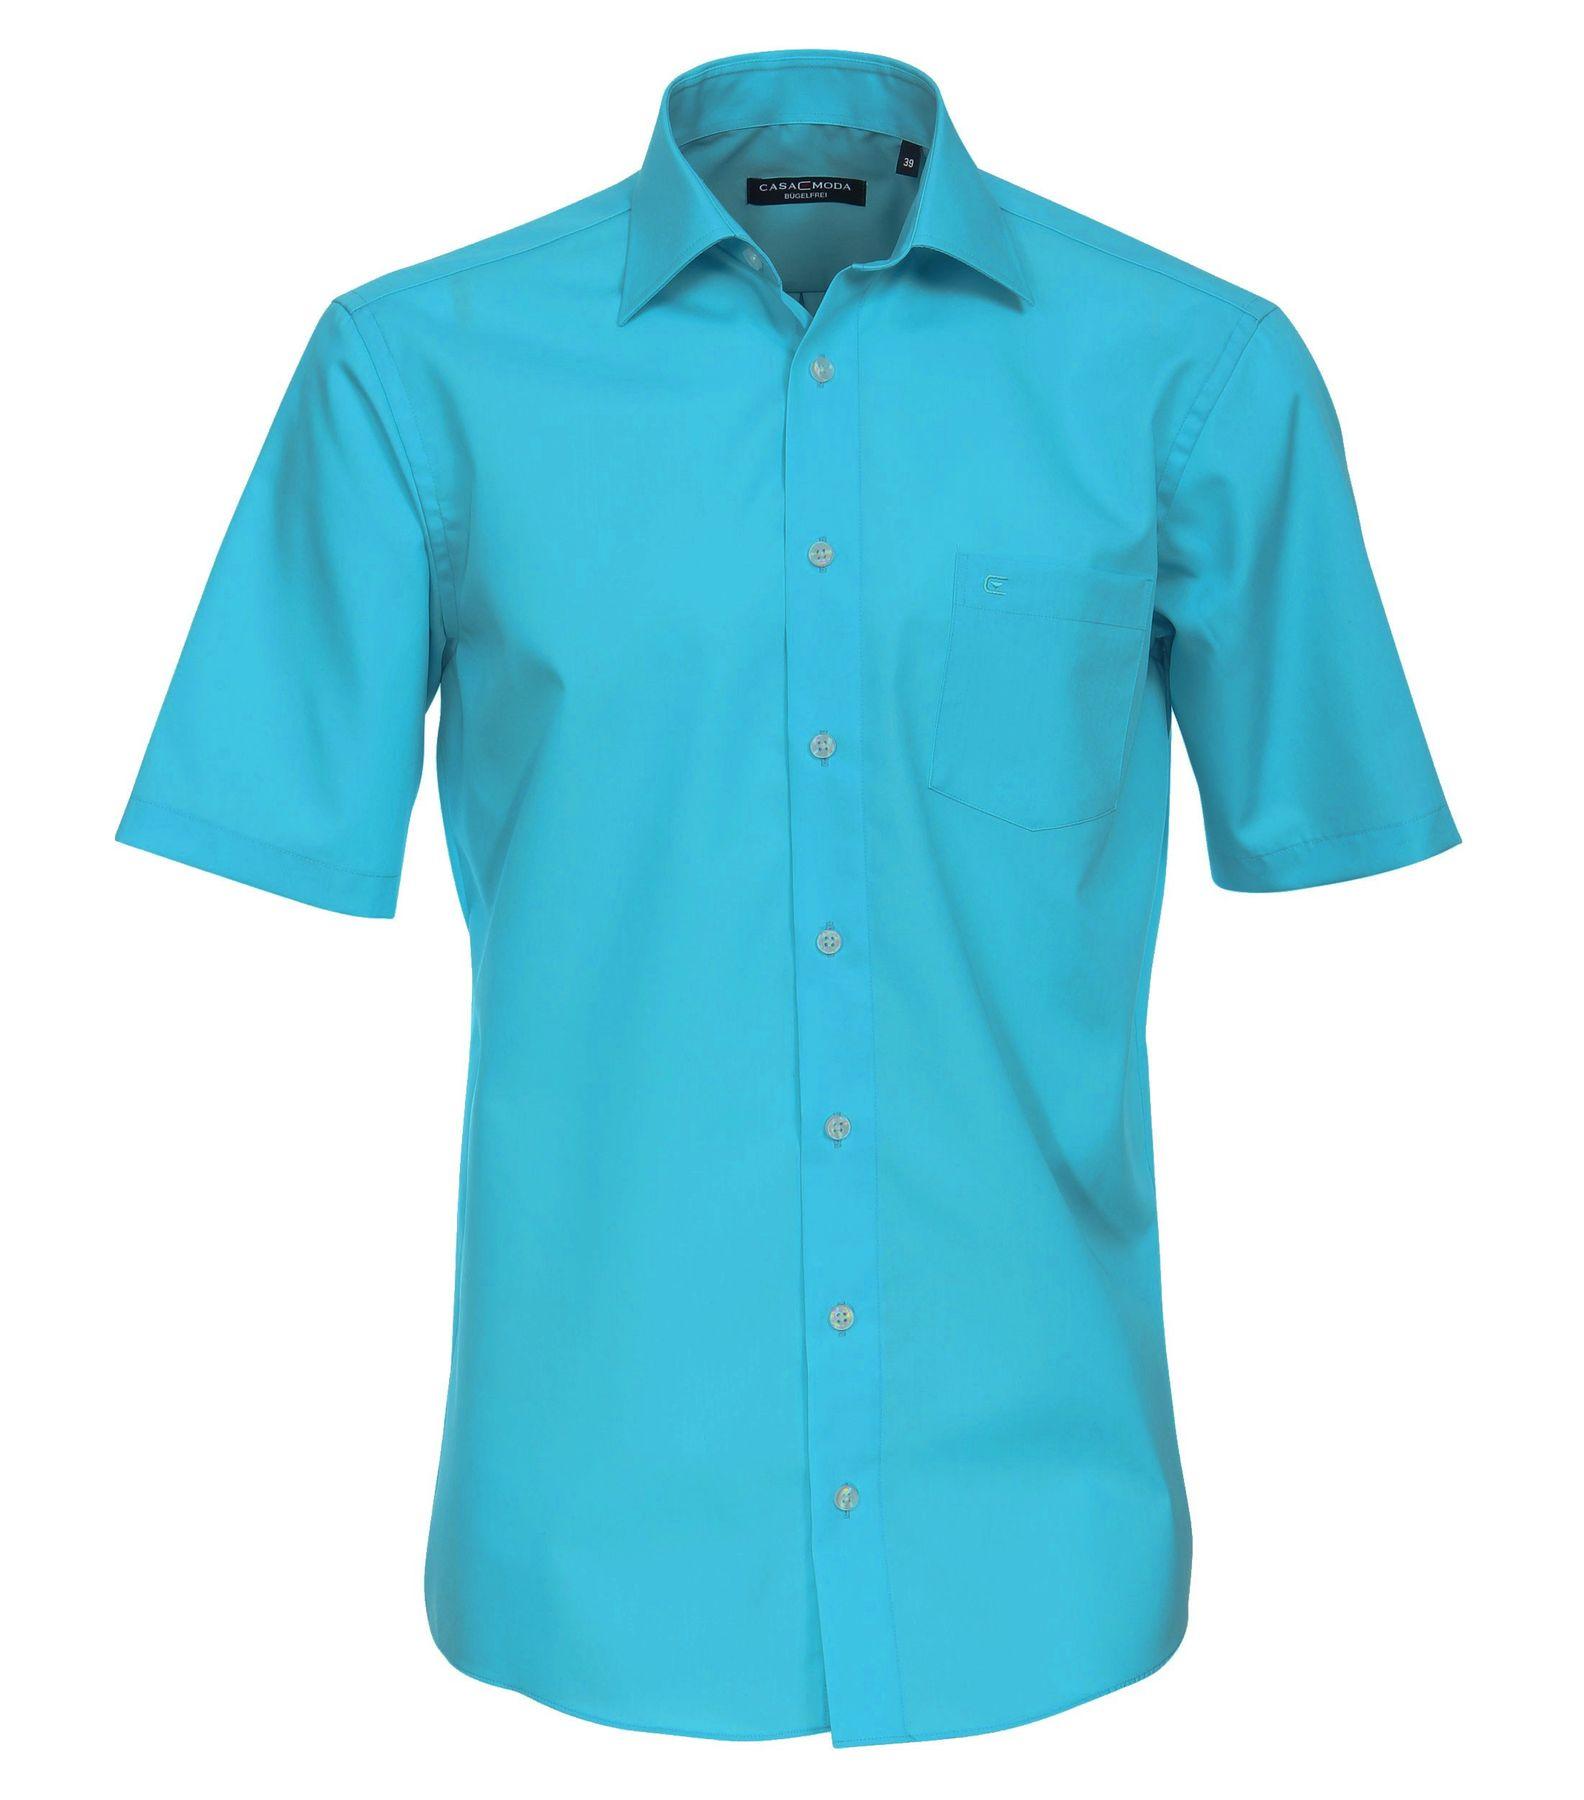 Casa Moda - Comfort Fit - Bügelfreies Herren Business kurzarm Hemd verschiedene Farben (008070 A) – Bild 19